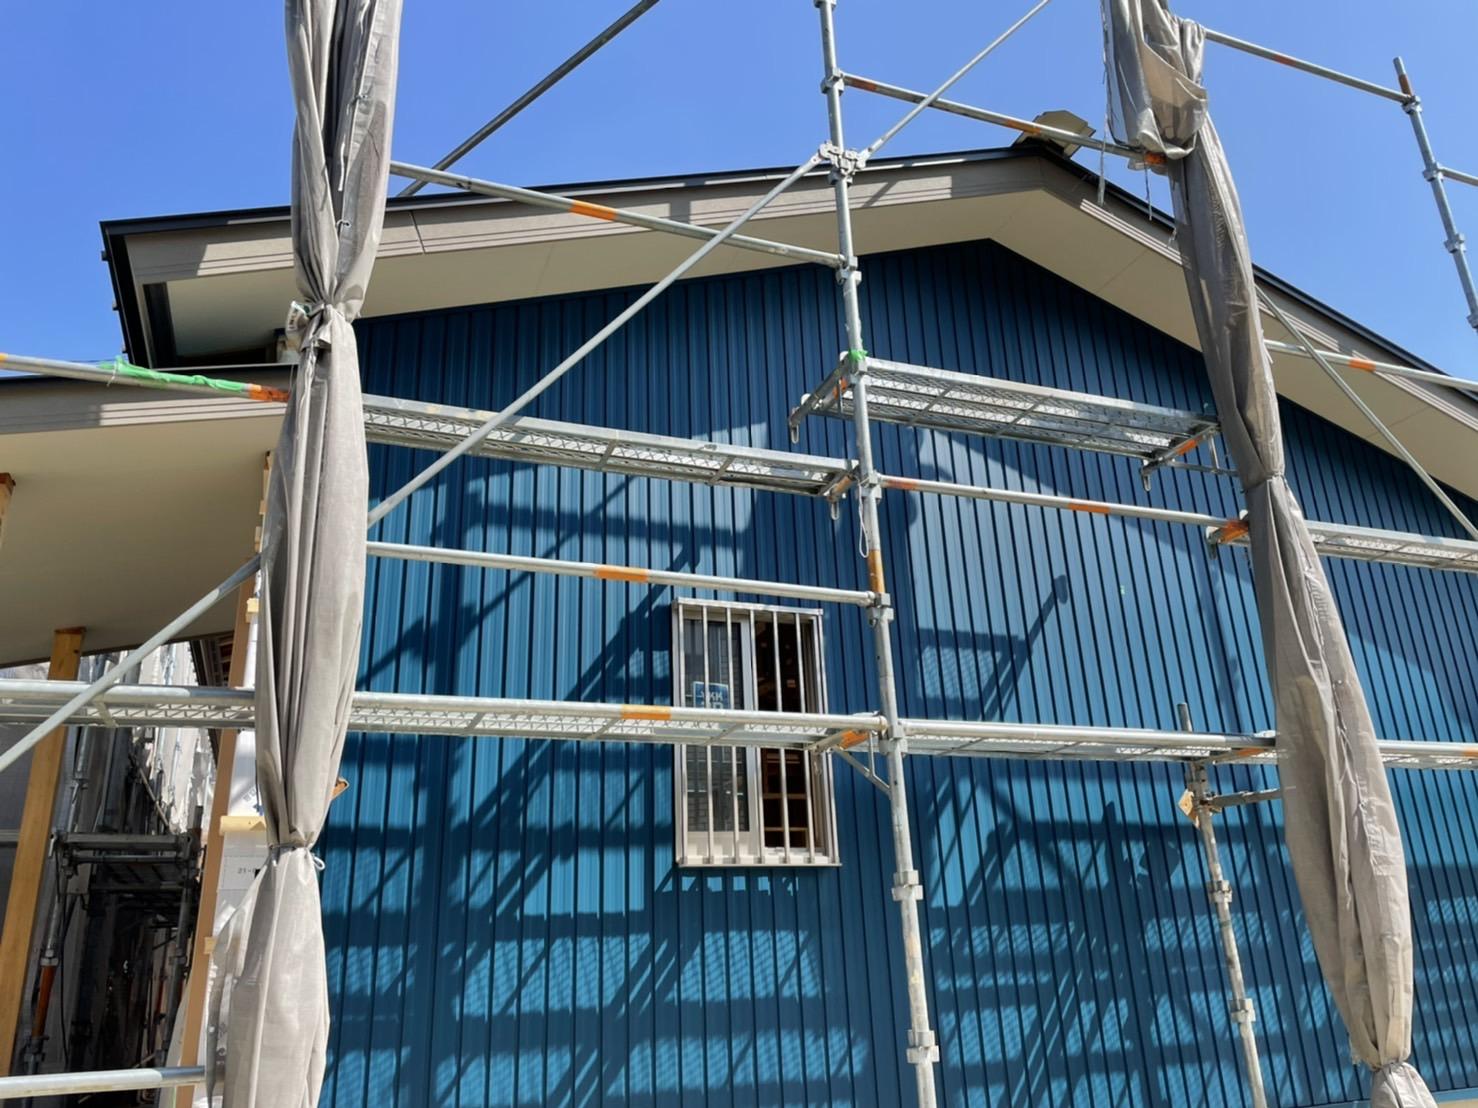 平屋の家外壁が貼れた様子